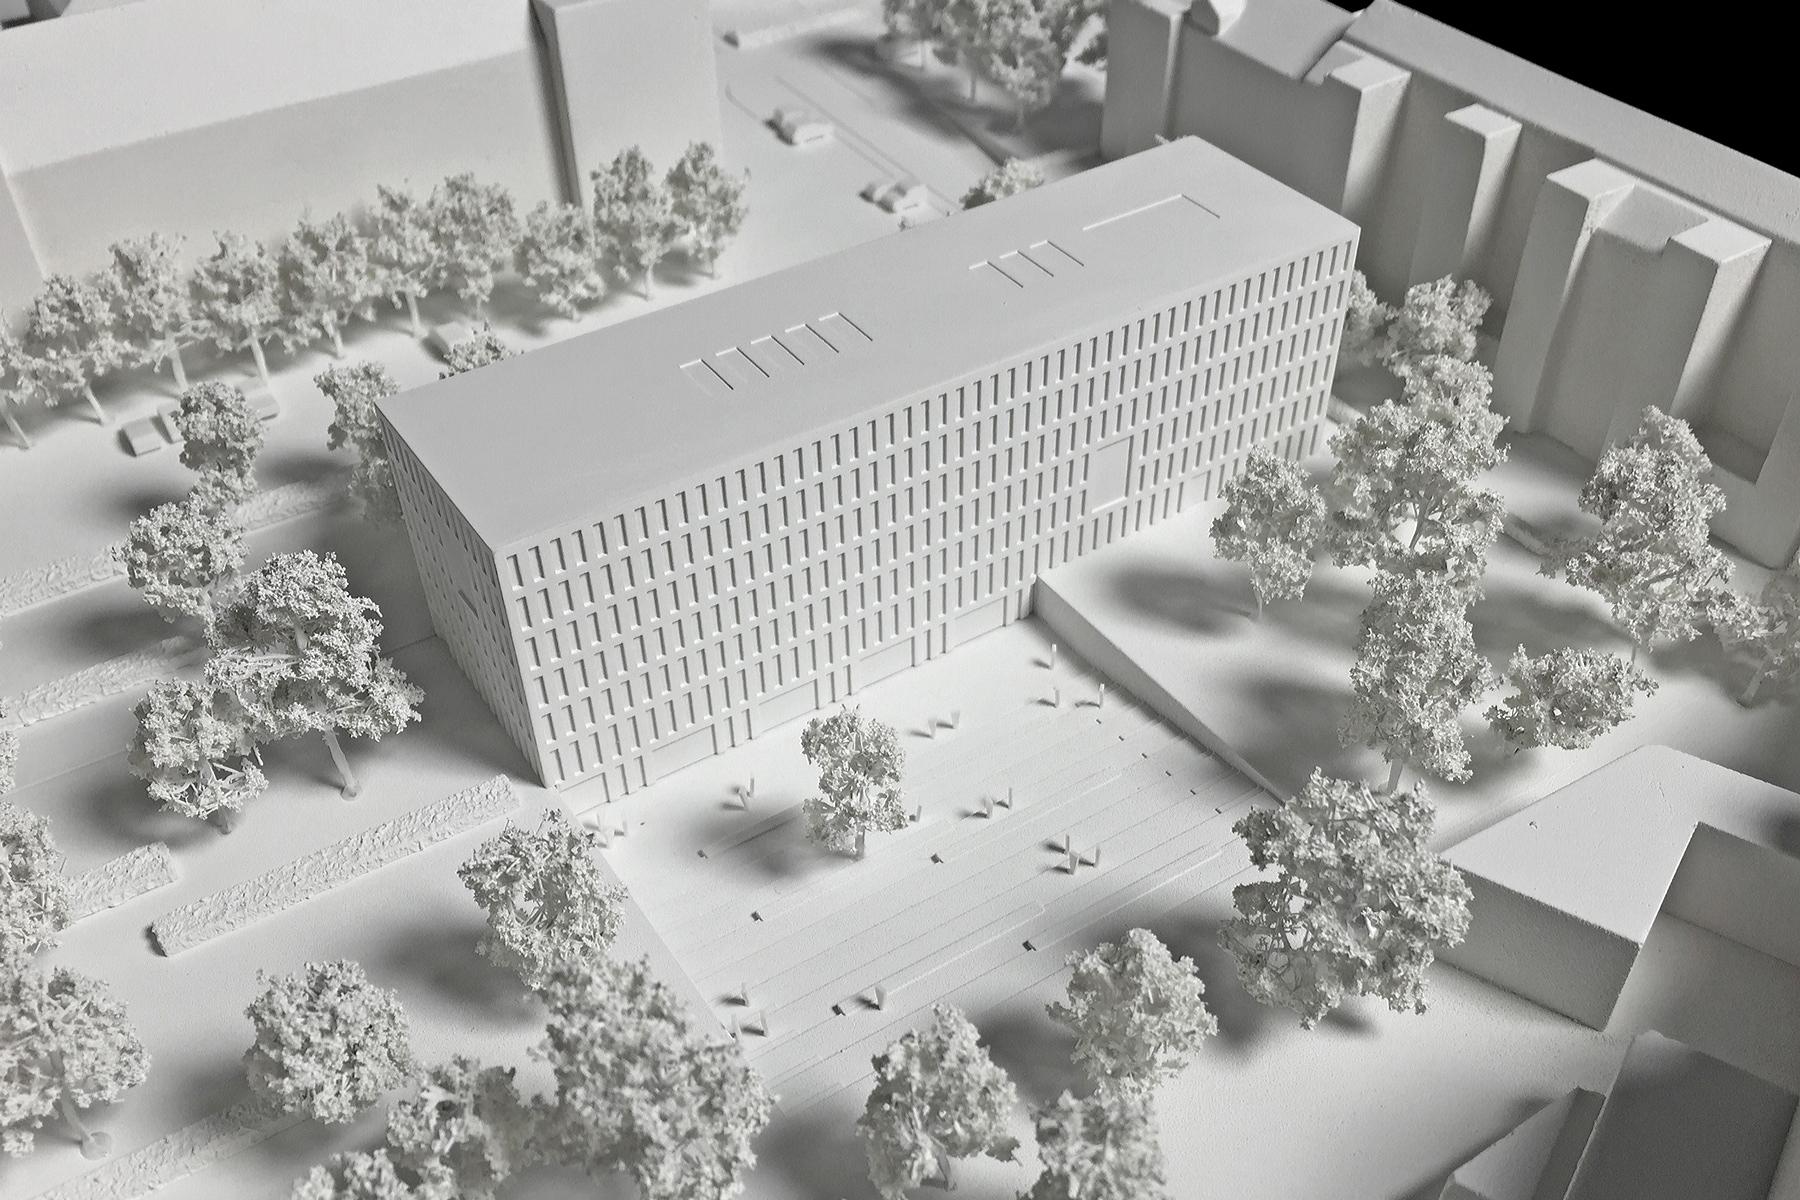 Architekten Karlsruhe architekturmodell finanzamt karlsruhe béla berec modellbau 1 500